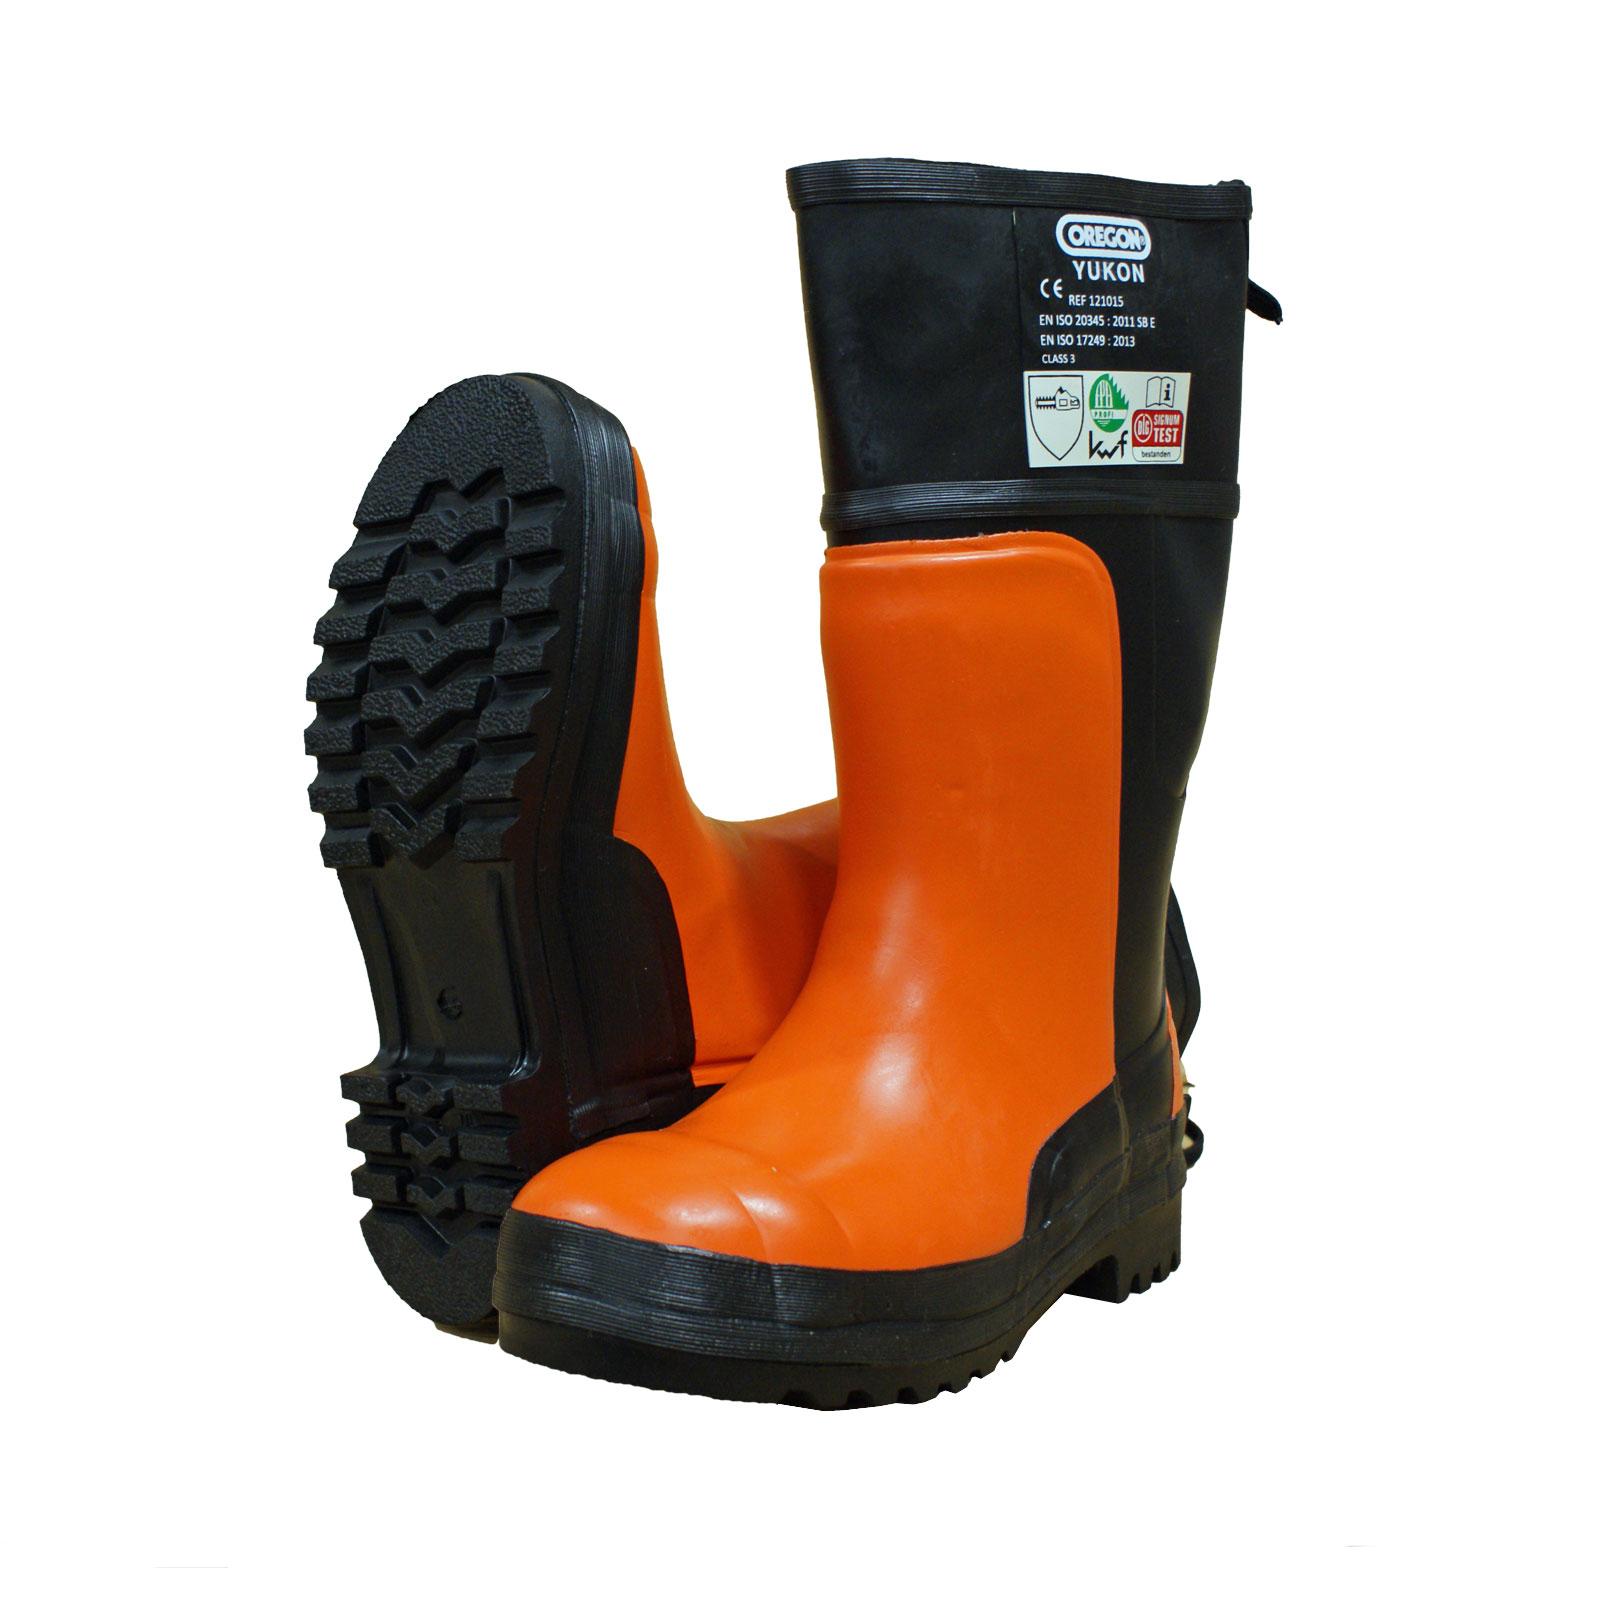 Bild zu KWF FPA Oregon Schnittschutz-Stiefel YUKON EN 345 Class 3 orange